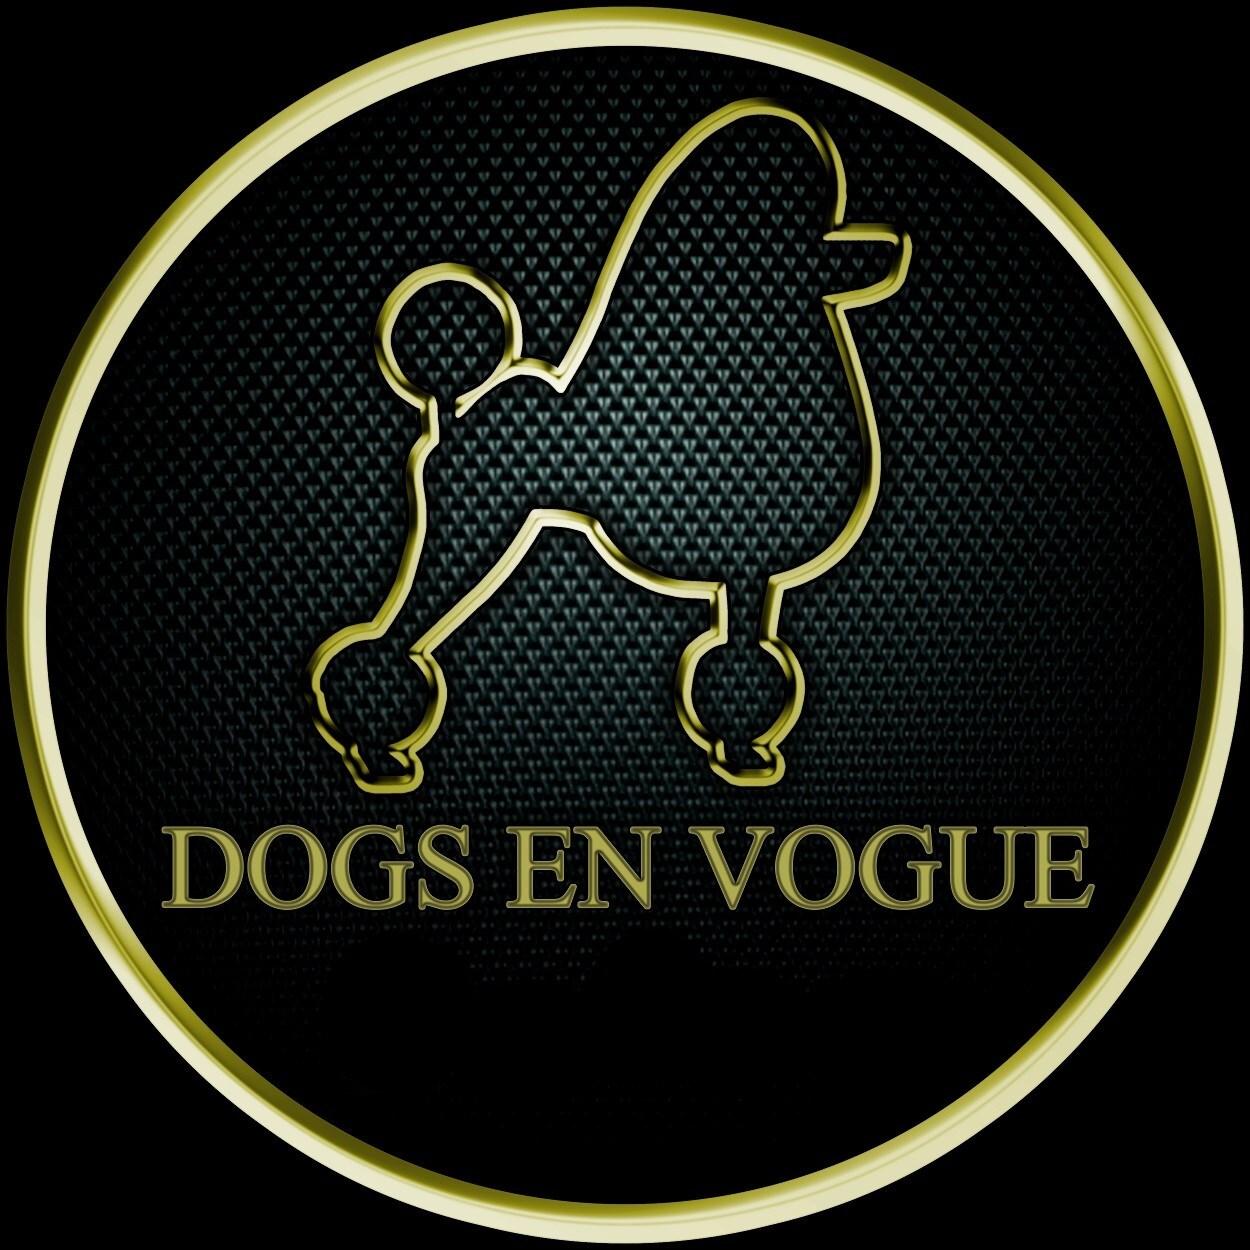 DOGS EN VOGUE SALON